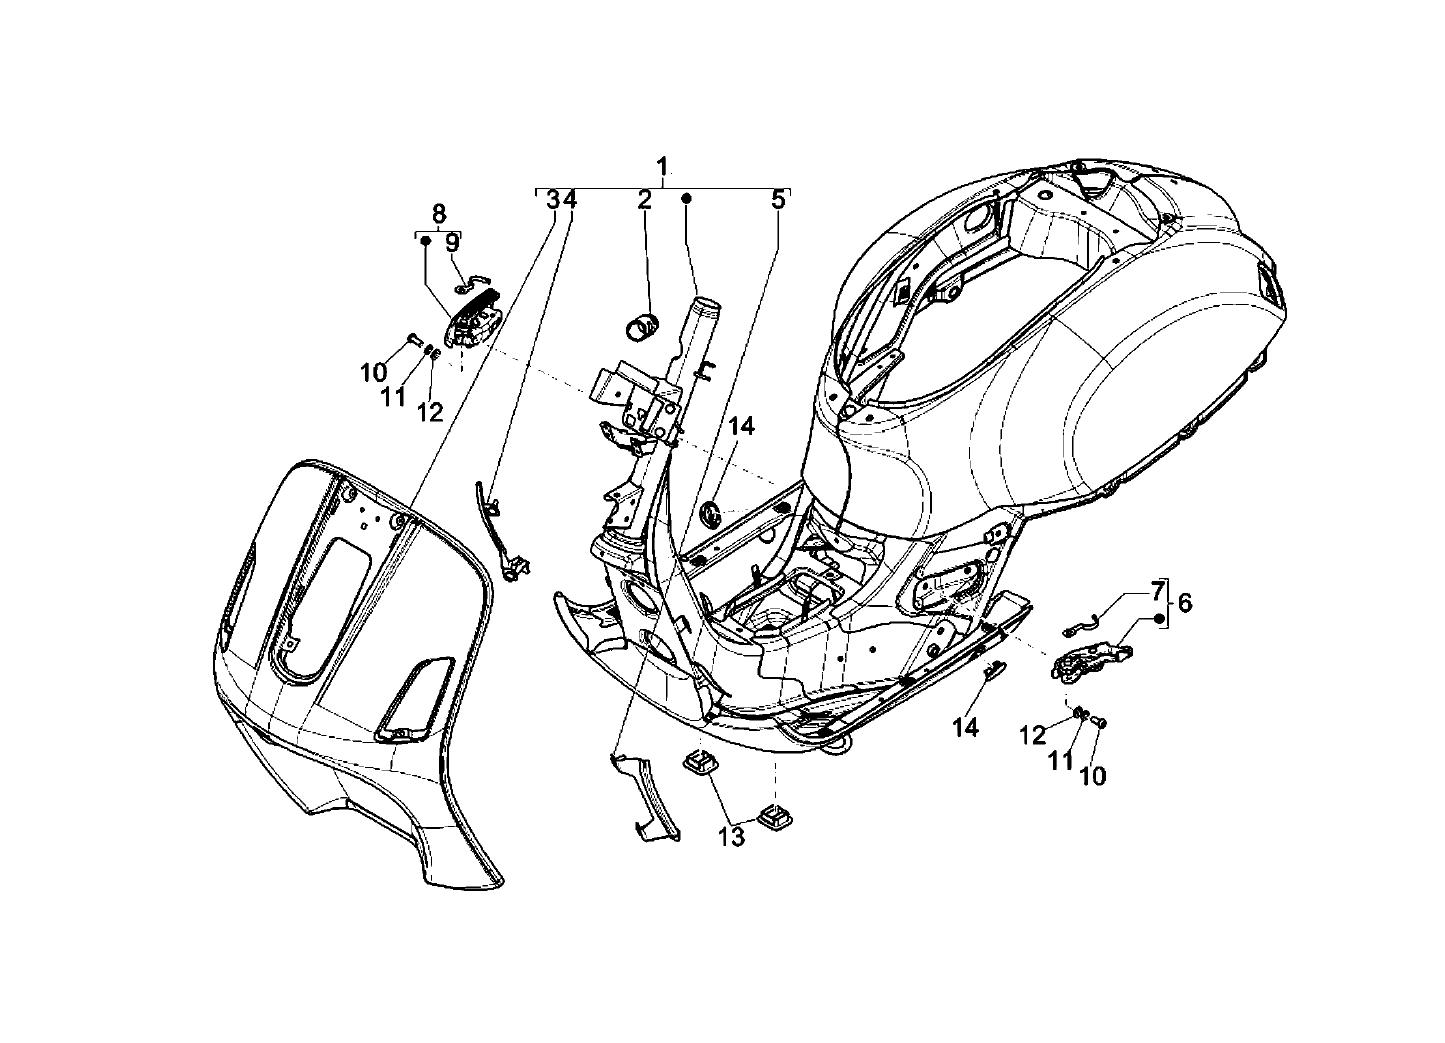 1974 150 Super Vespa Wiring Diagram Diagrams Instructions Gts 300 2008 2016 Origin Ln N Hradn D Ly 2 Tone Vespas